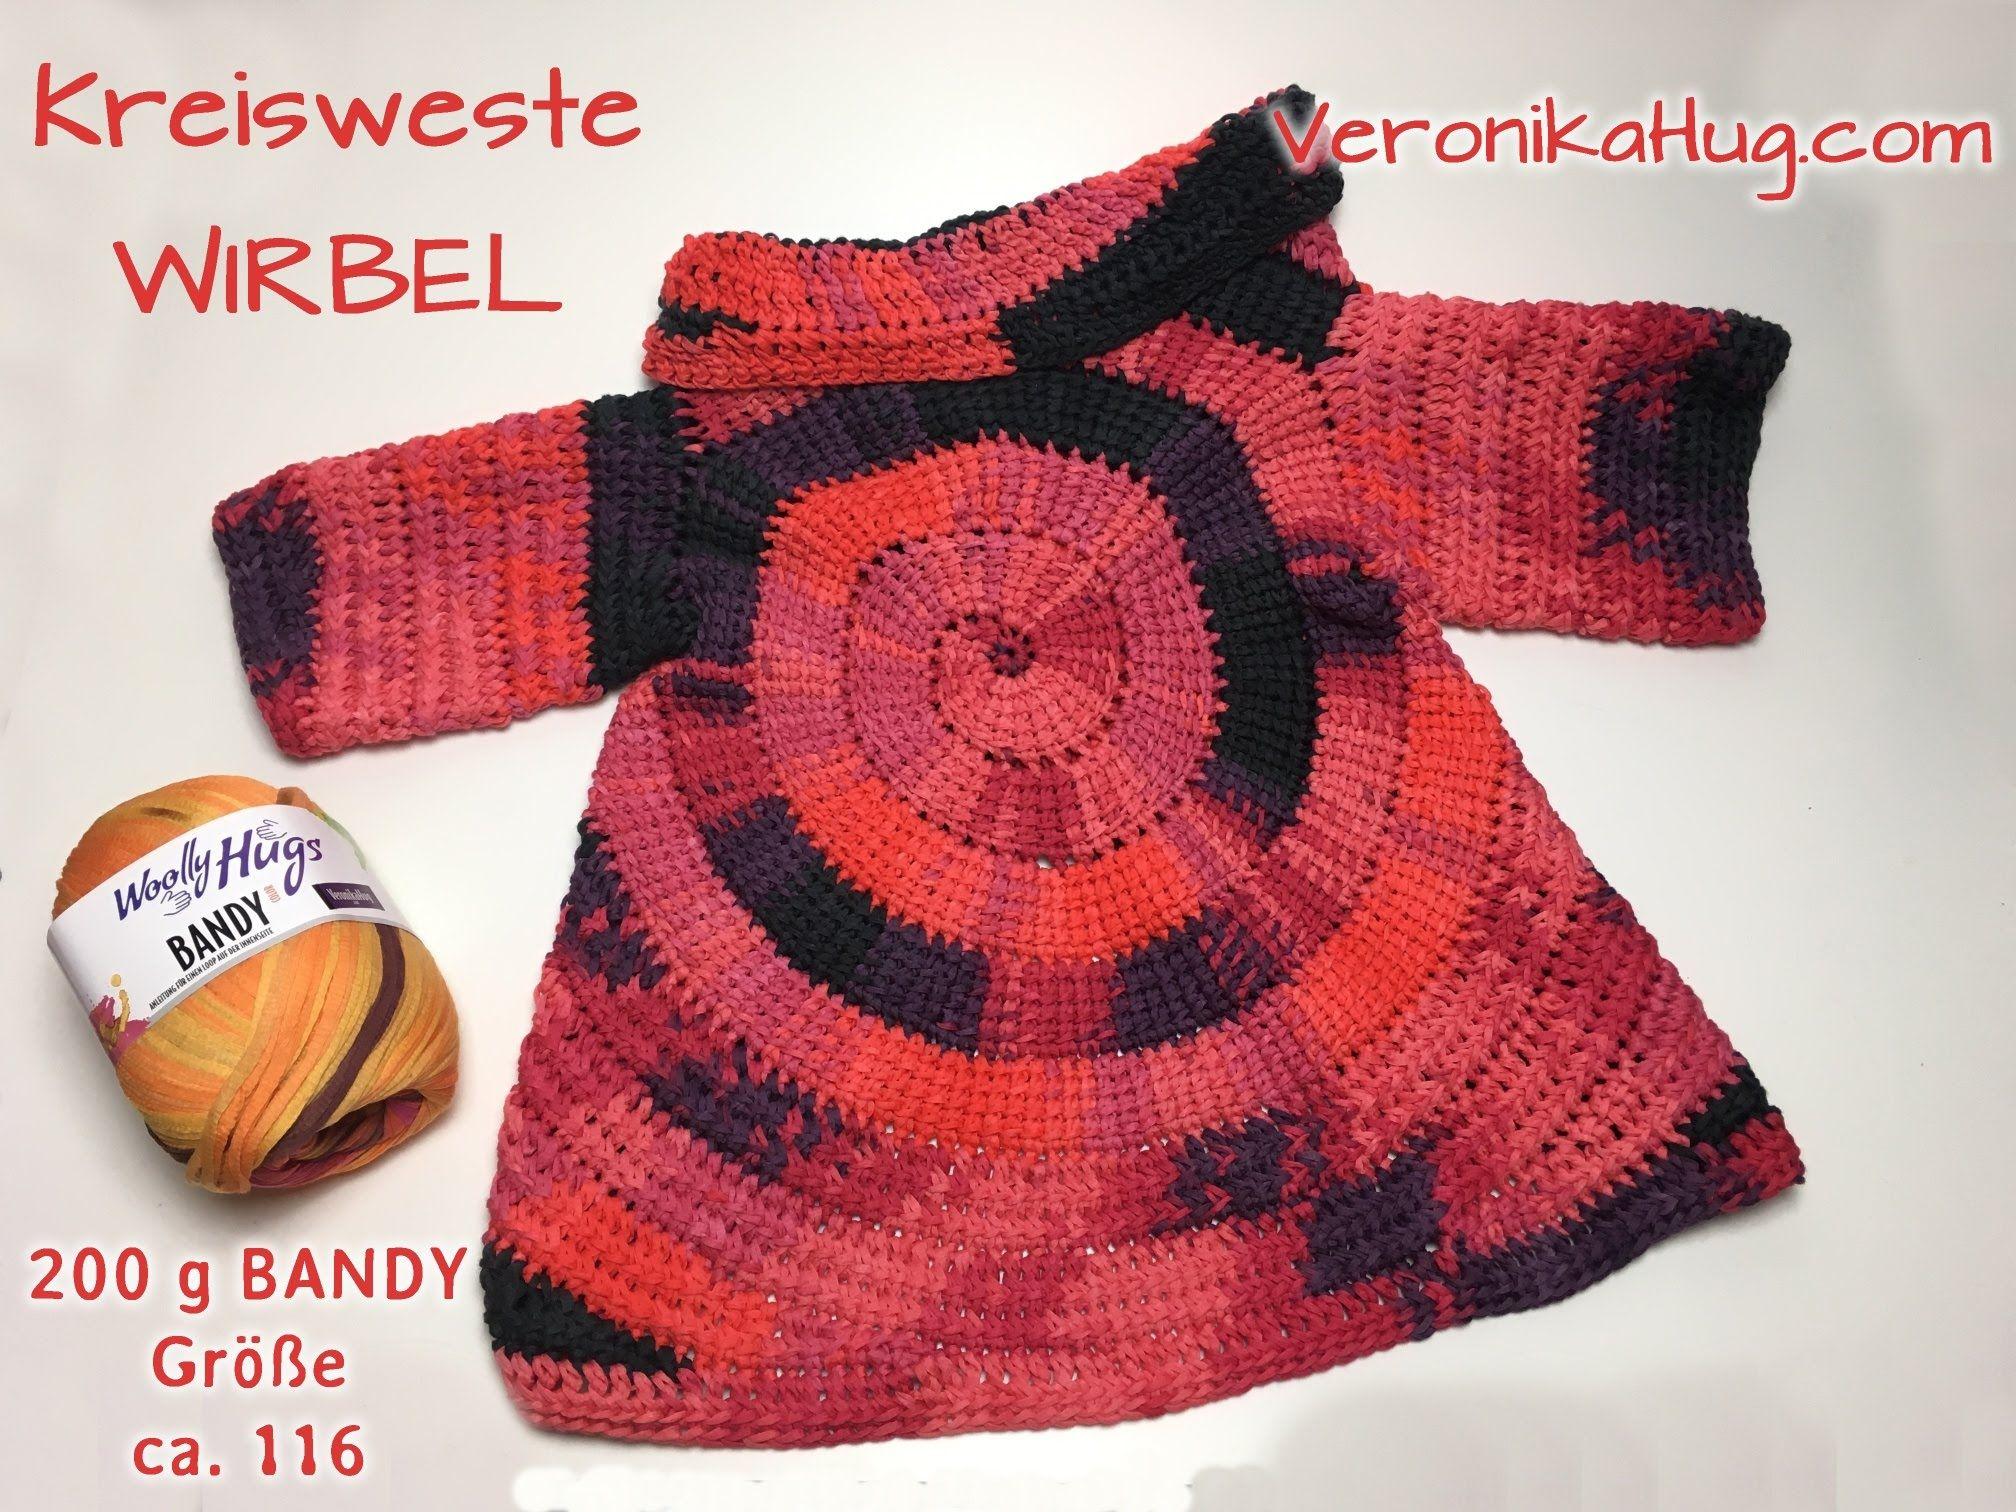 Kreisweste WIRBEL - Kindergröße - Woolly Hugs BANDY Veronika Hug